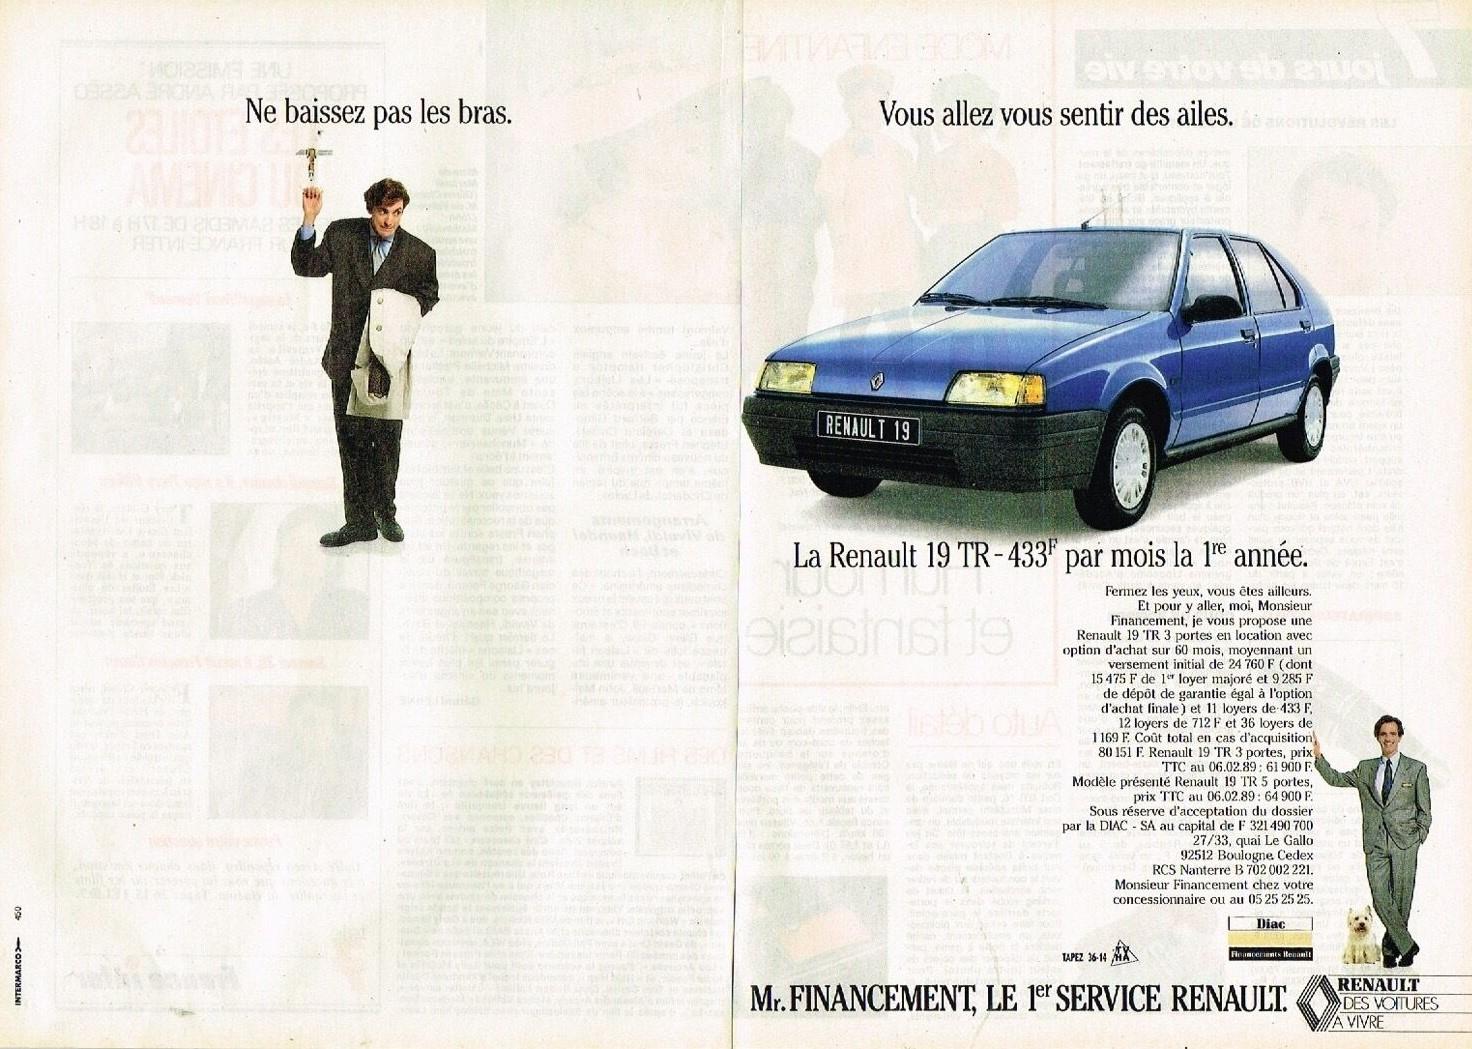 1989 Renault Financement Renault 19 TR